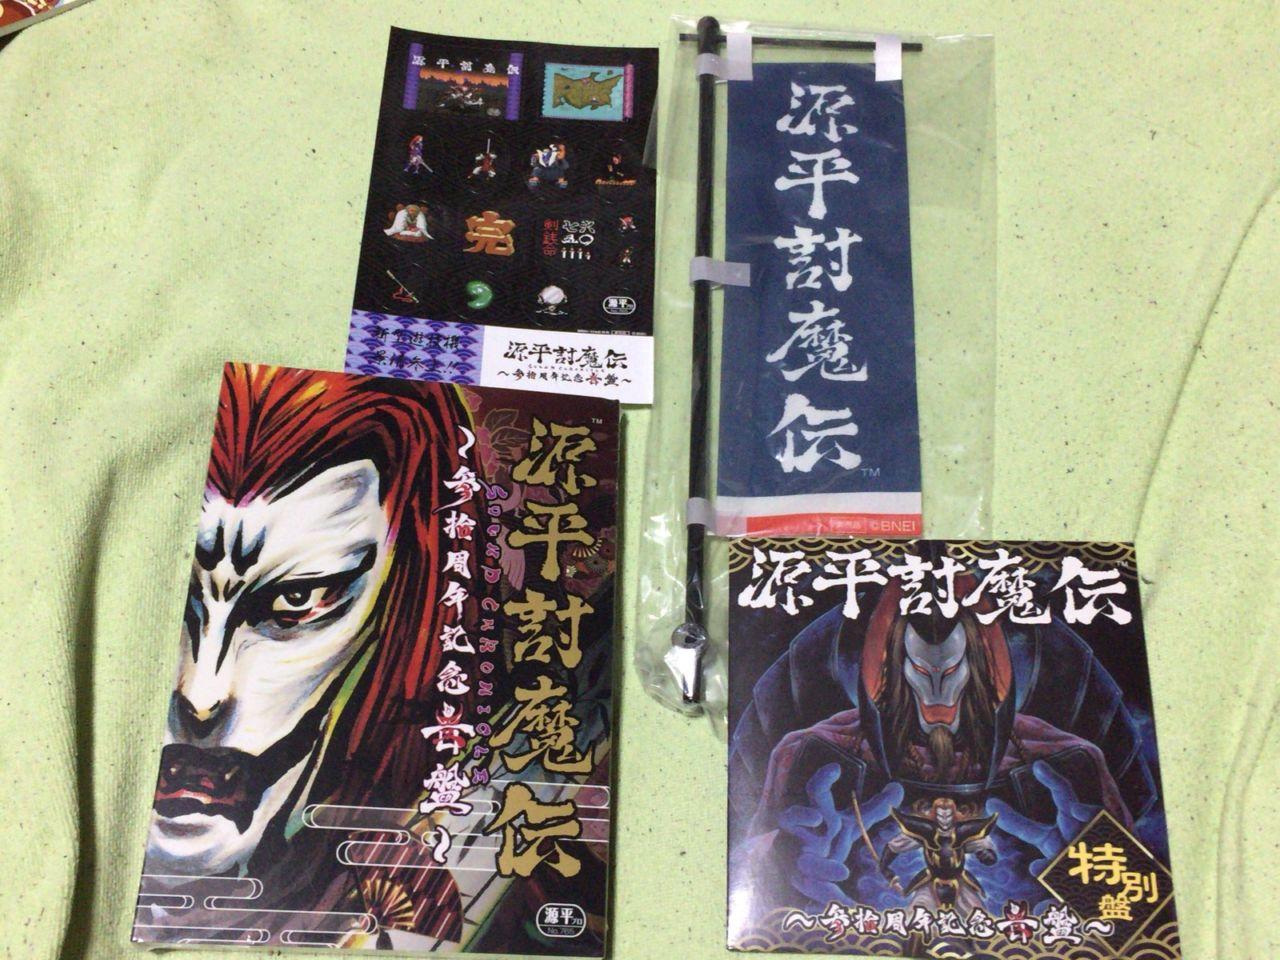 源平討魔伝~参拾周年記念音版~